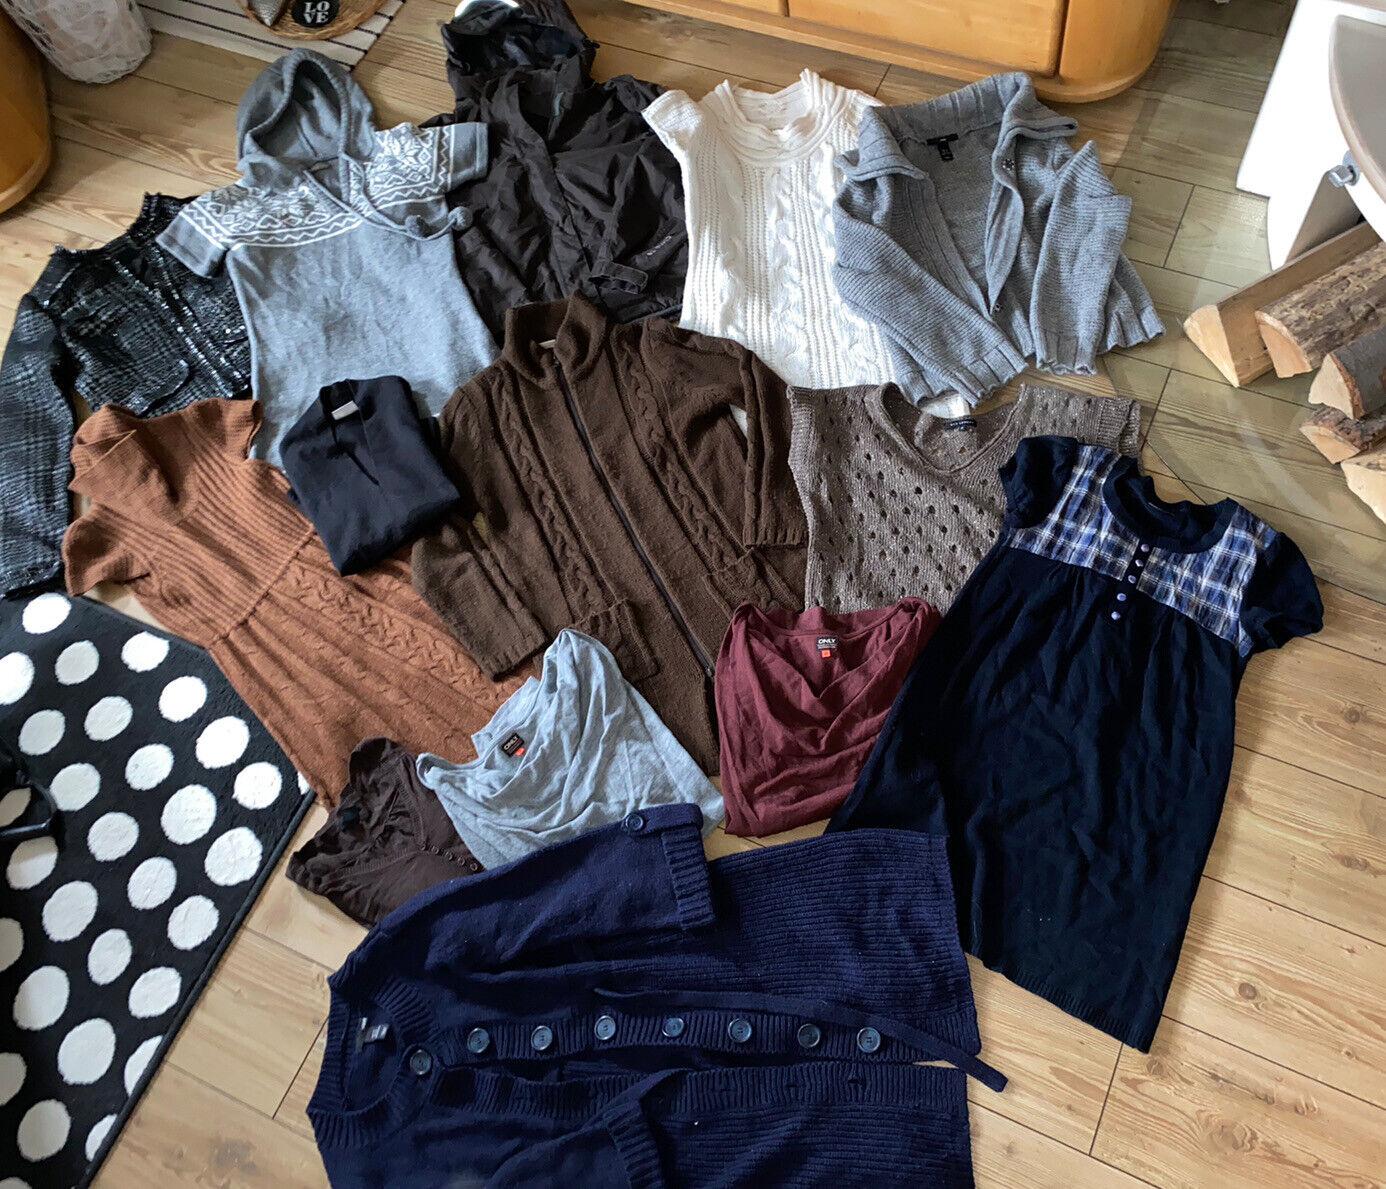 Kleiderpaket 14 Teile Jacken Kleider Pullover Strick Gr. 34 36 XS S Damen